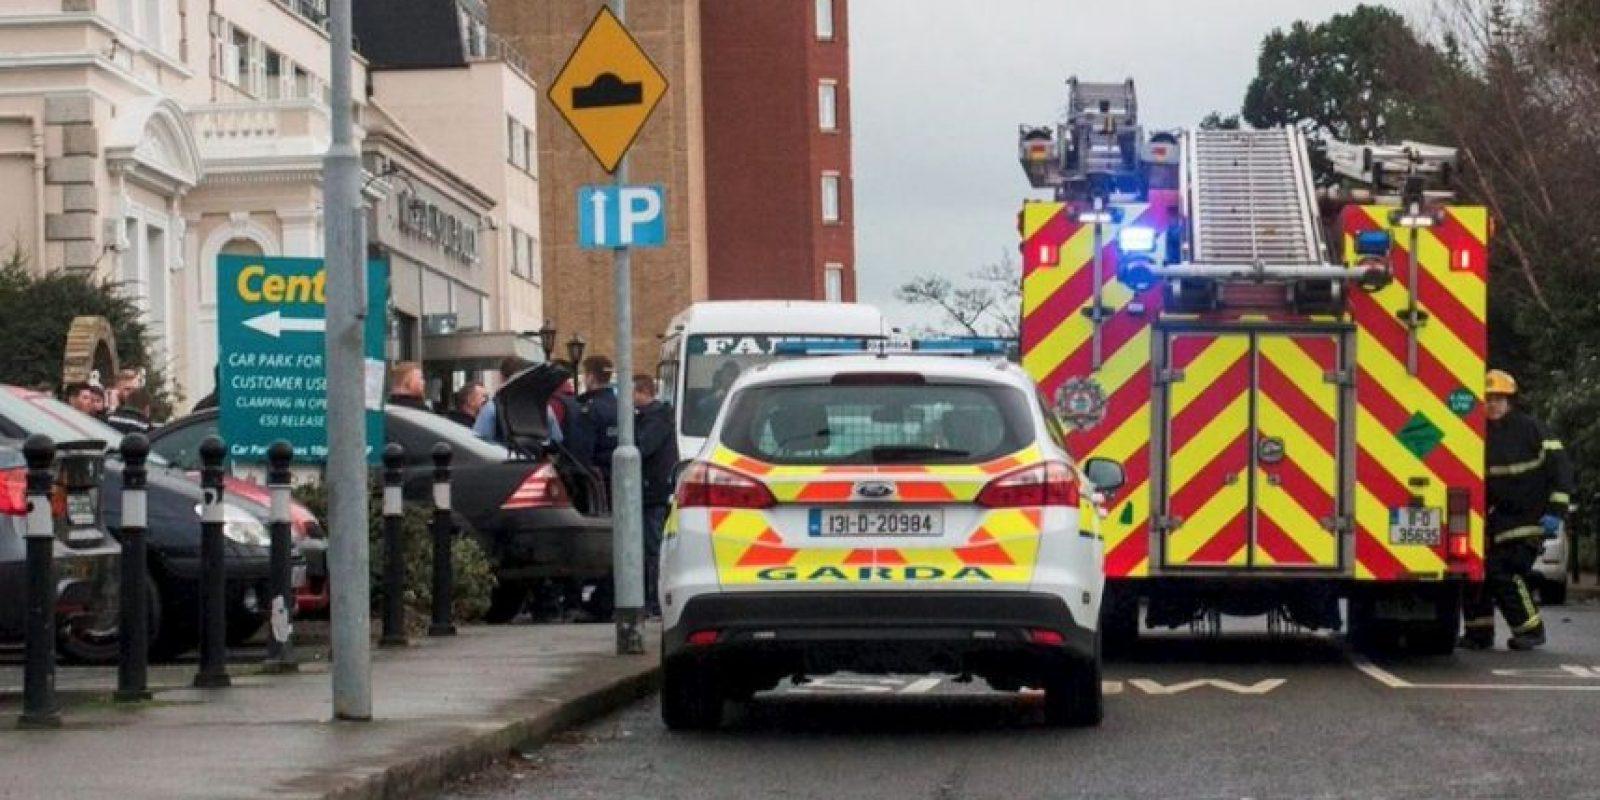 Los servicios de emergencia que respondieron al tiroteo descubrieron a tres hombres heridos. Foto:Vía Twitter